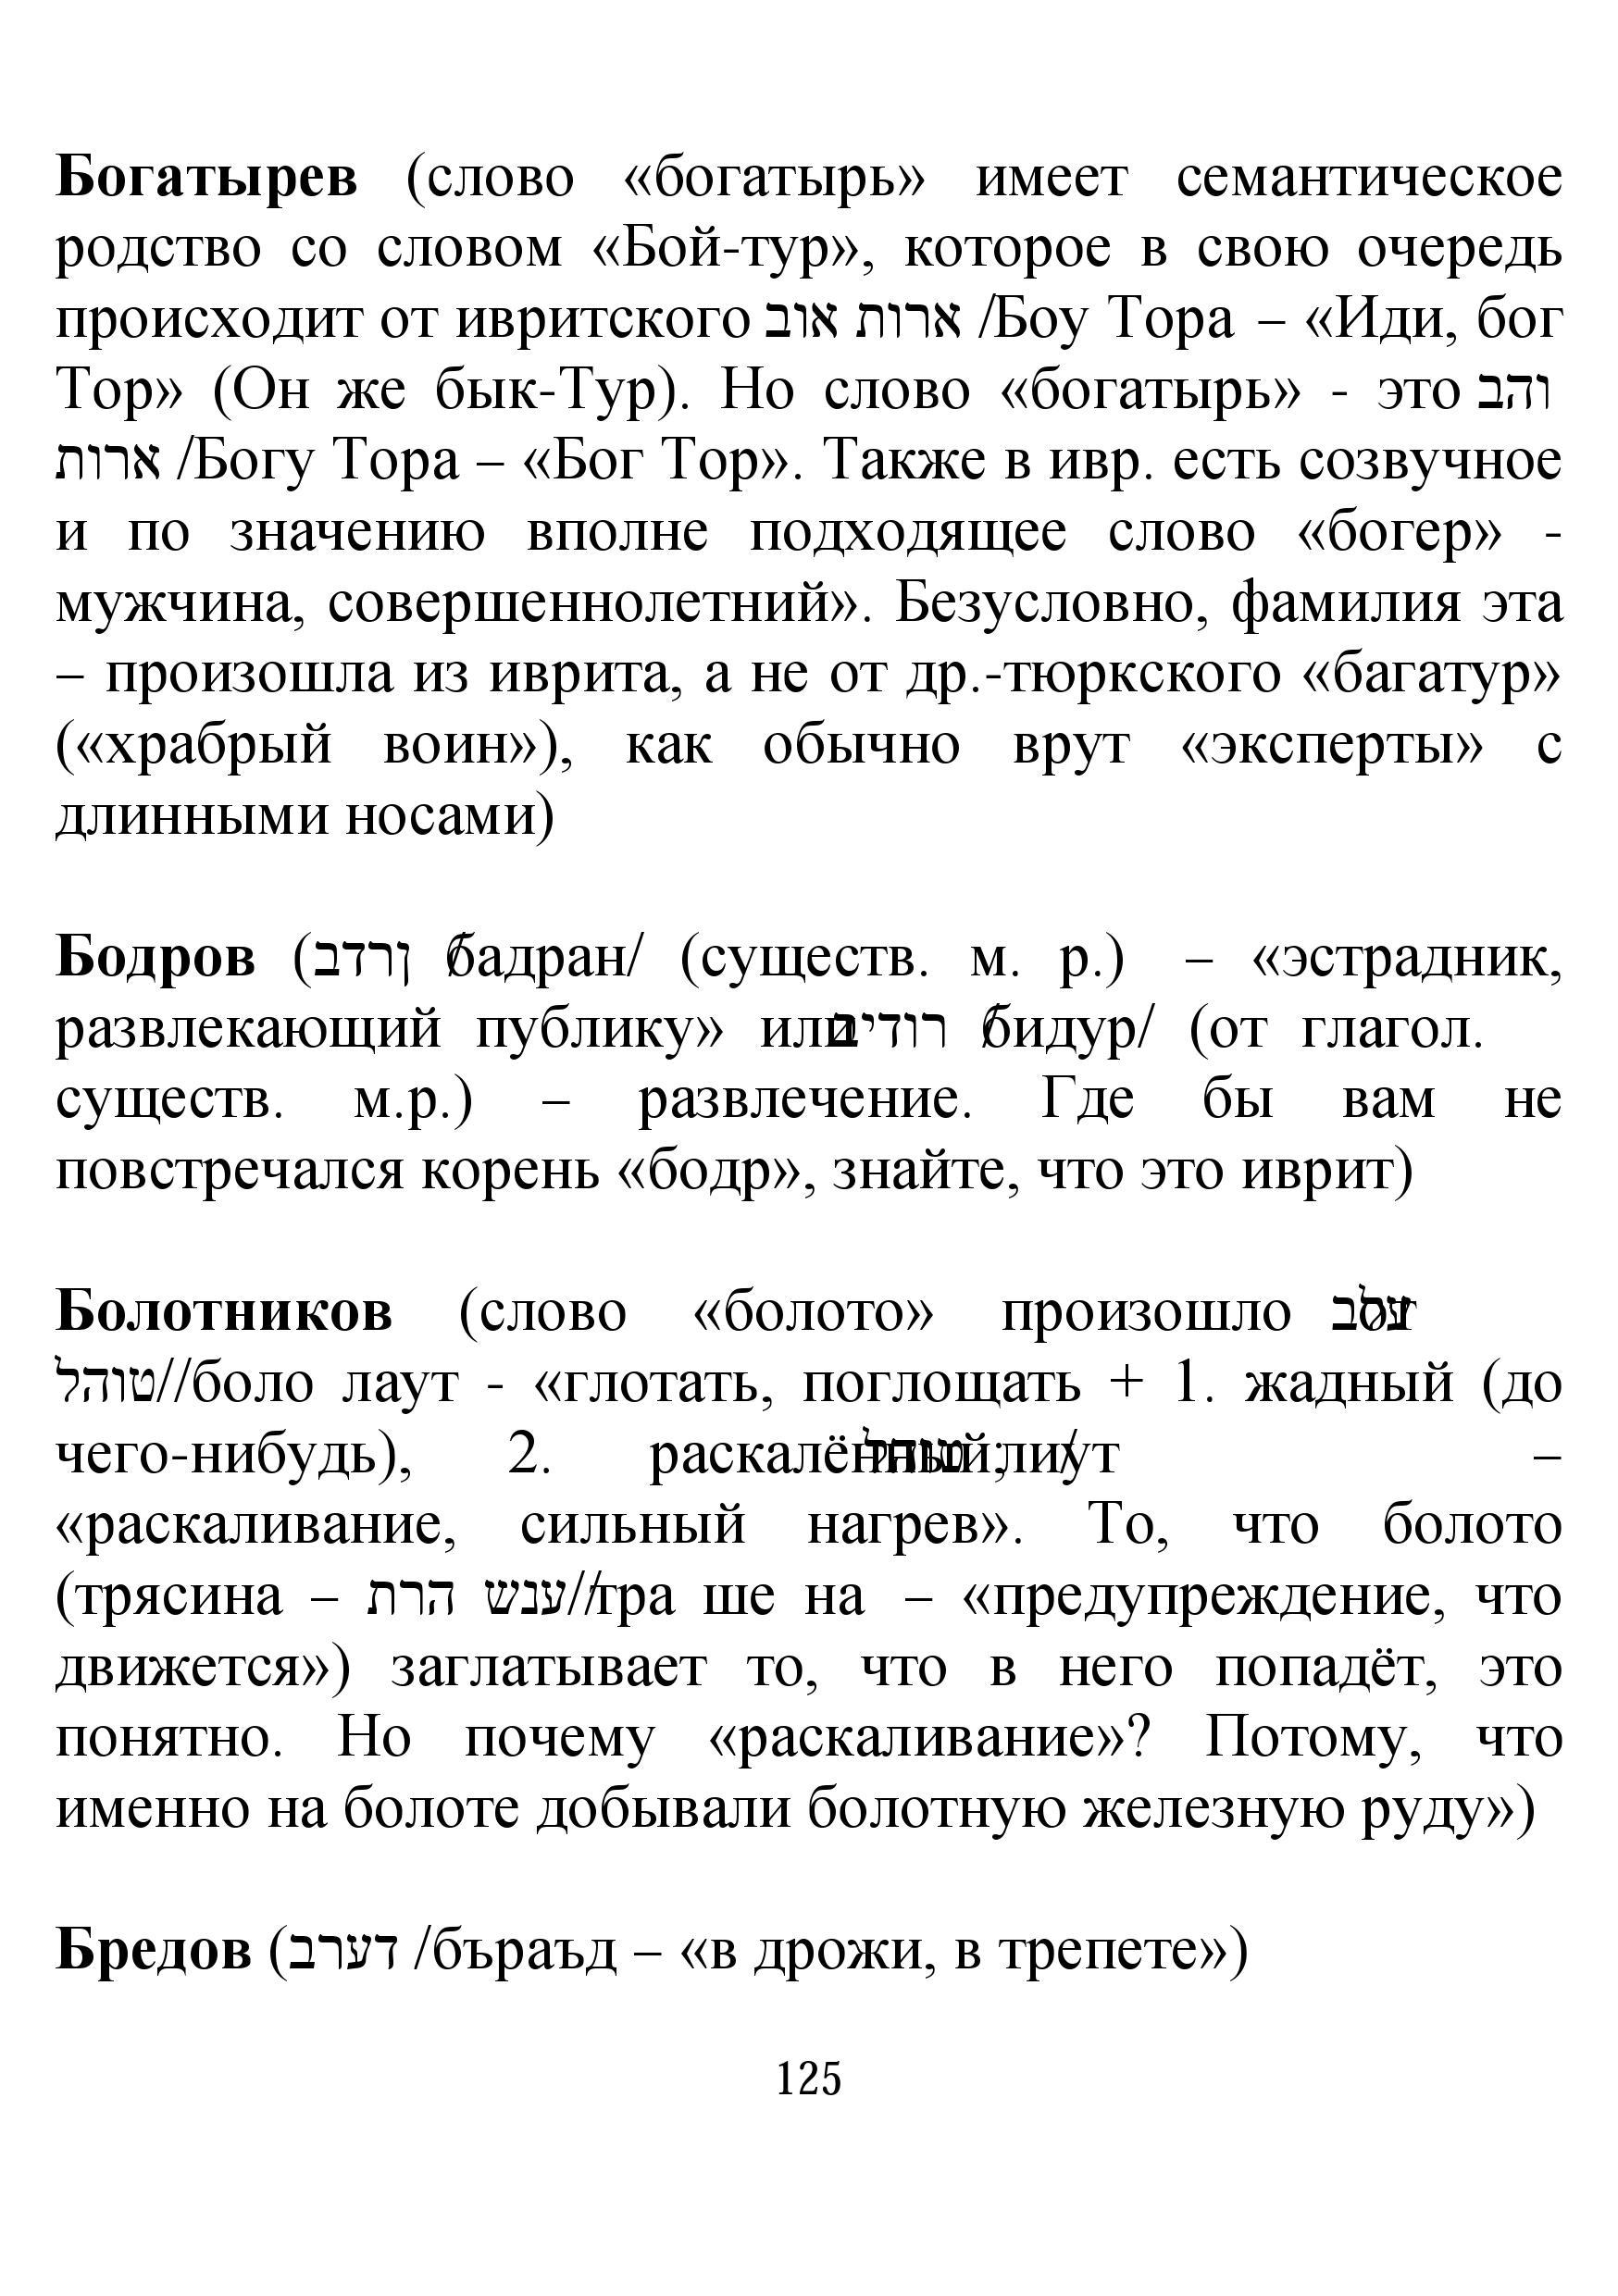 http://s3.uploads.ru/oLEnM.jpg